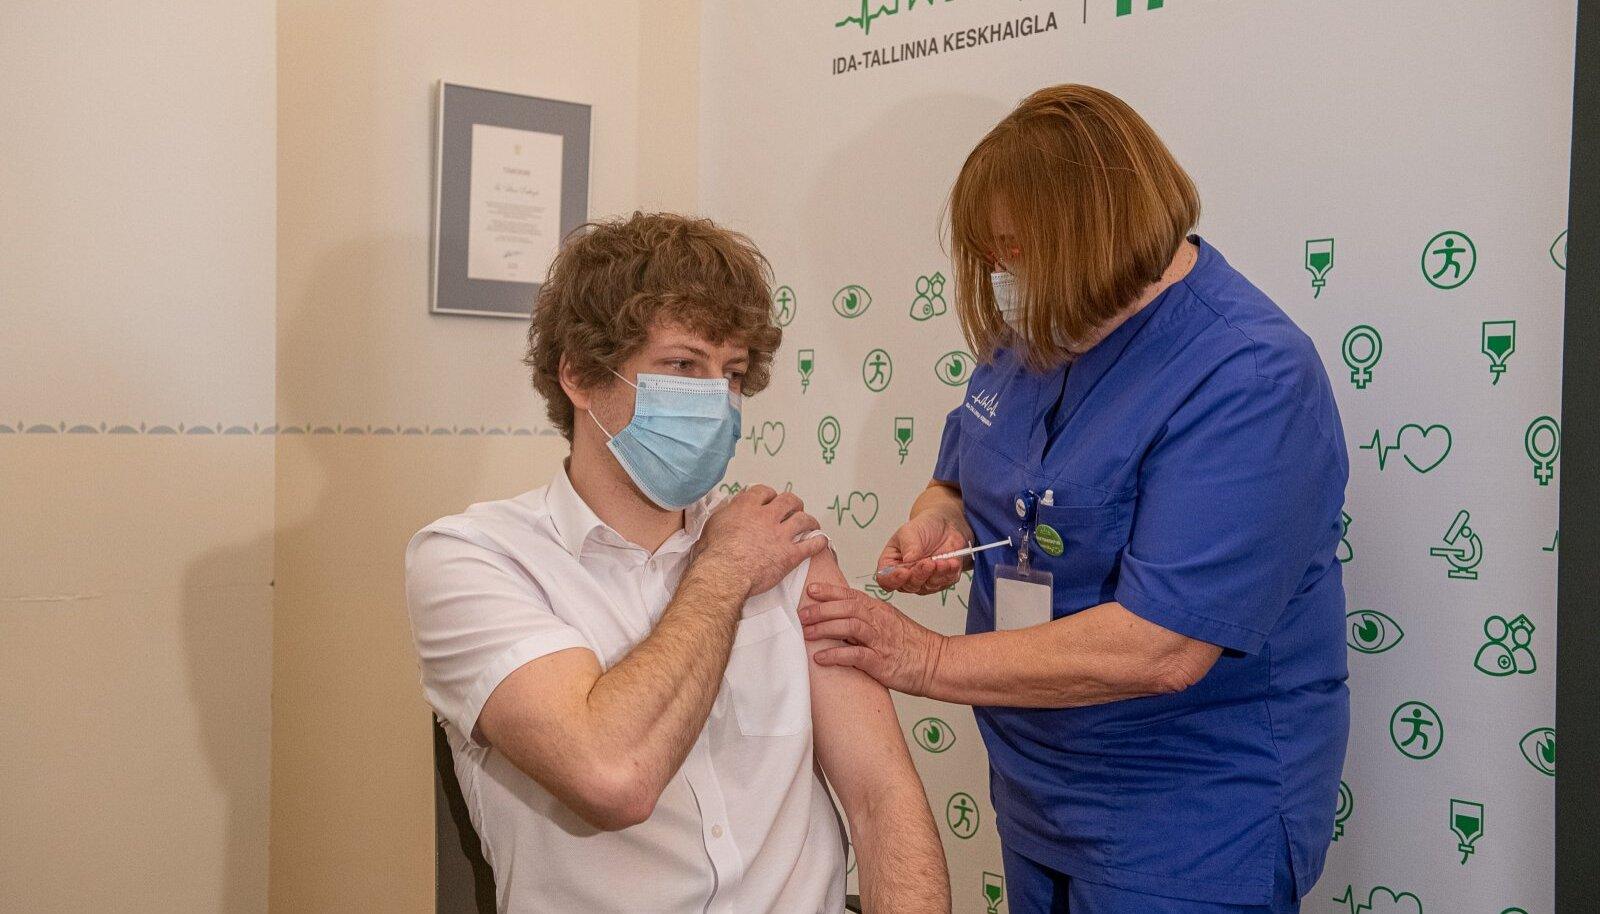 Министр Танель Кийк вакцинировался AstraZeneca